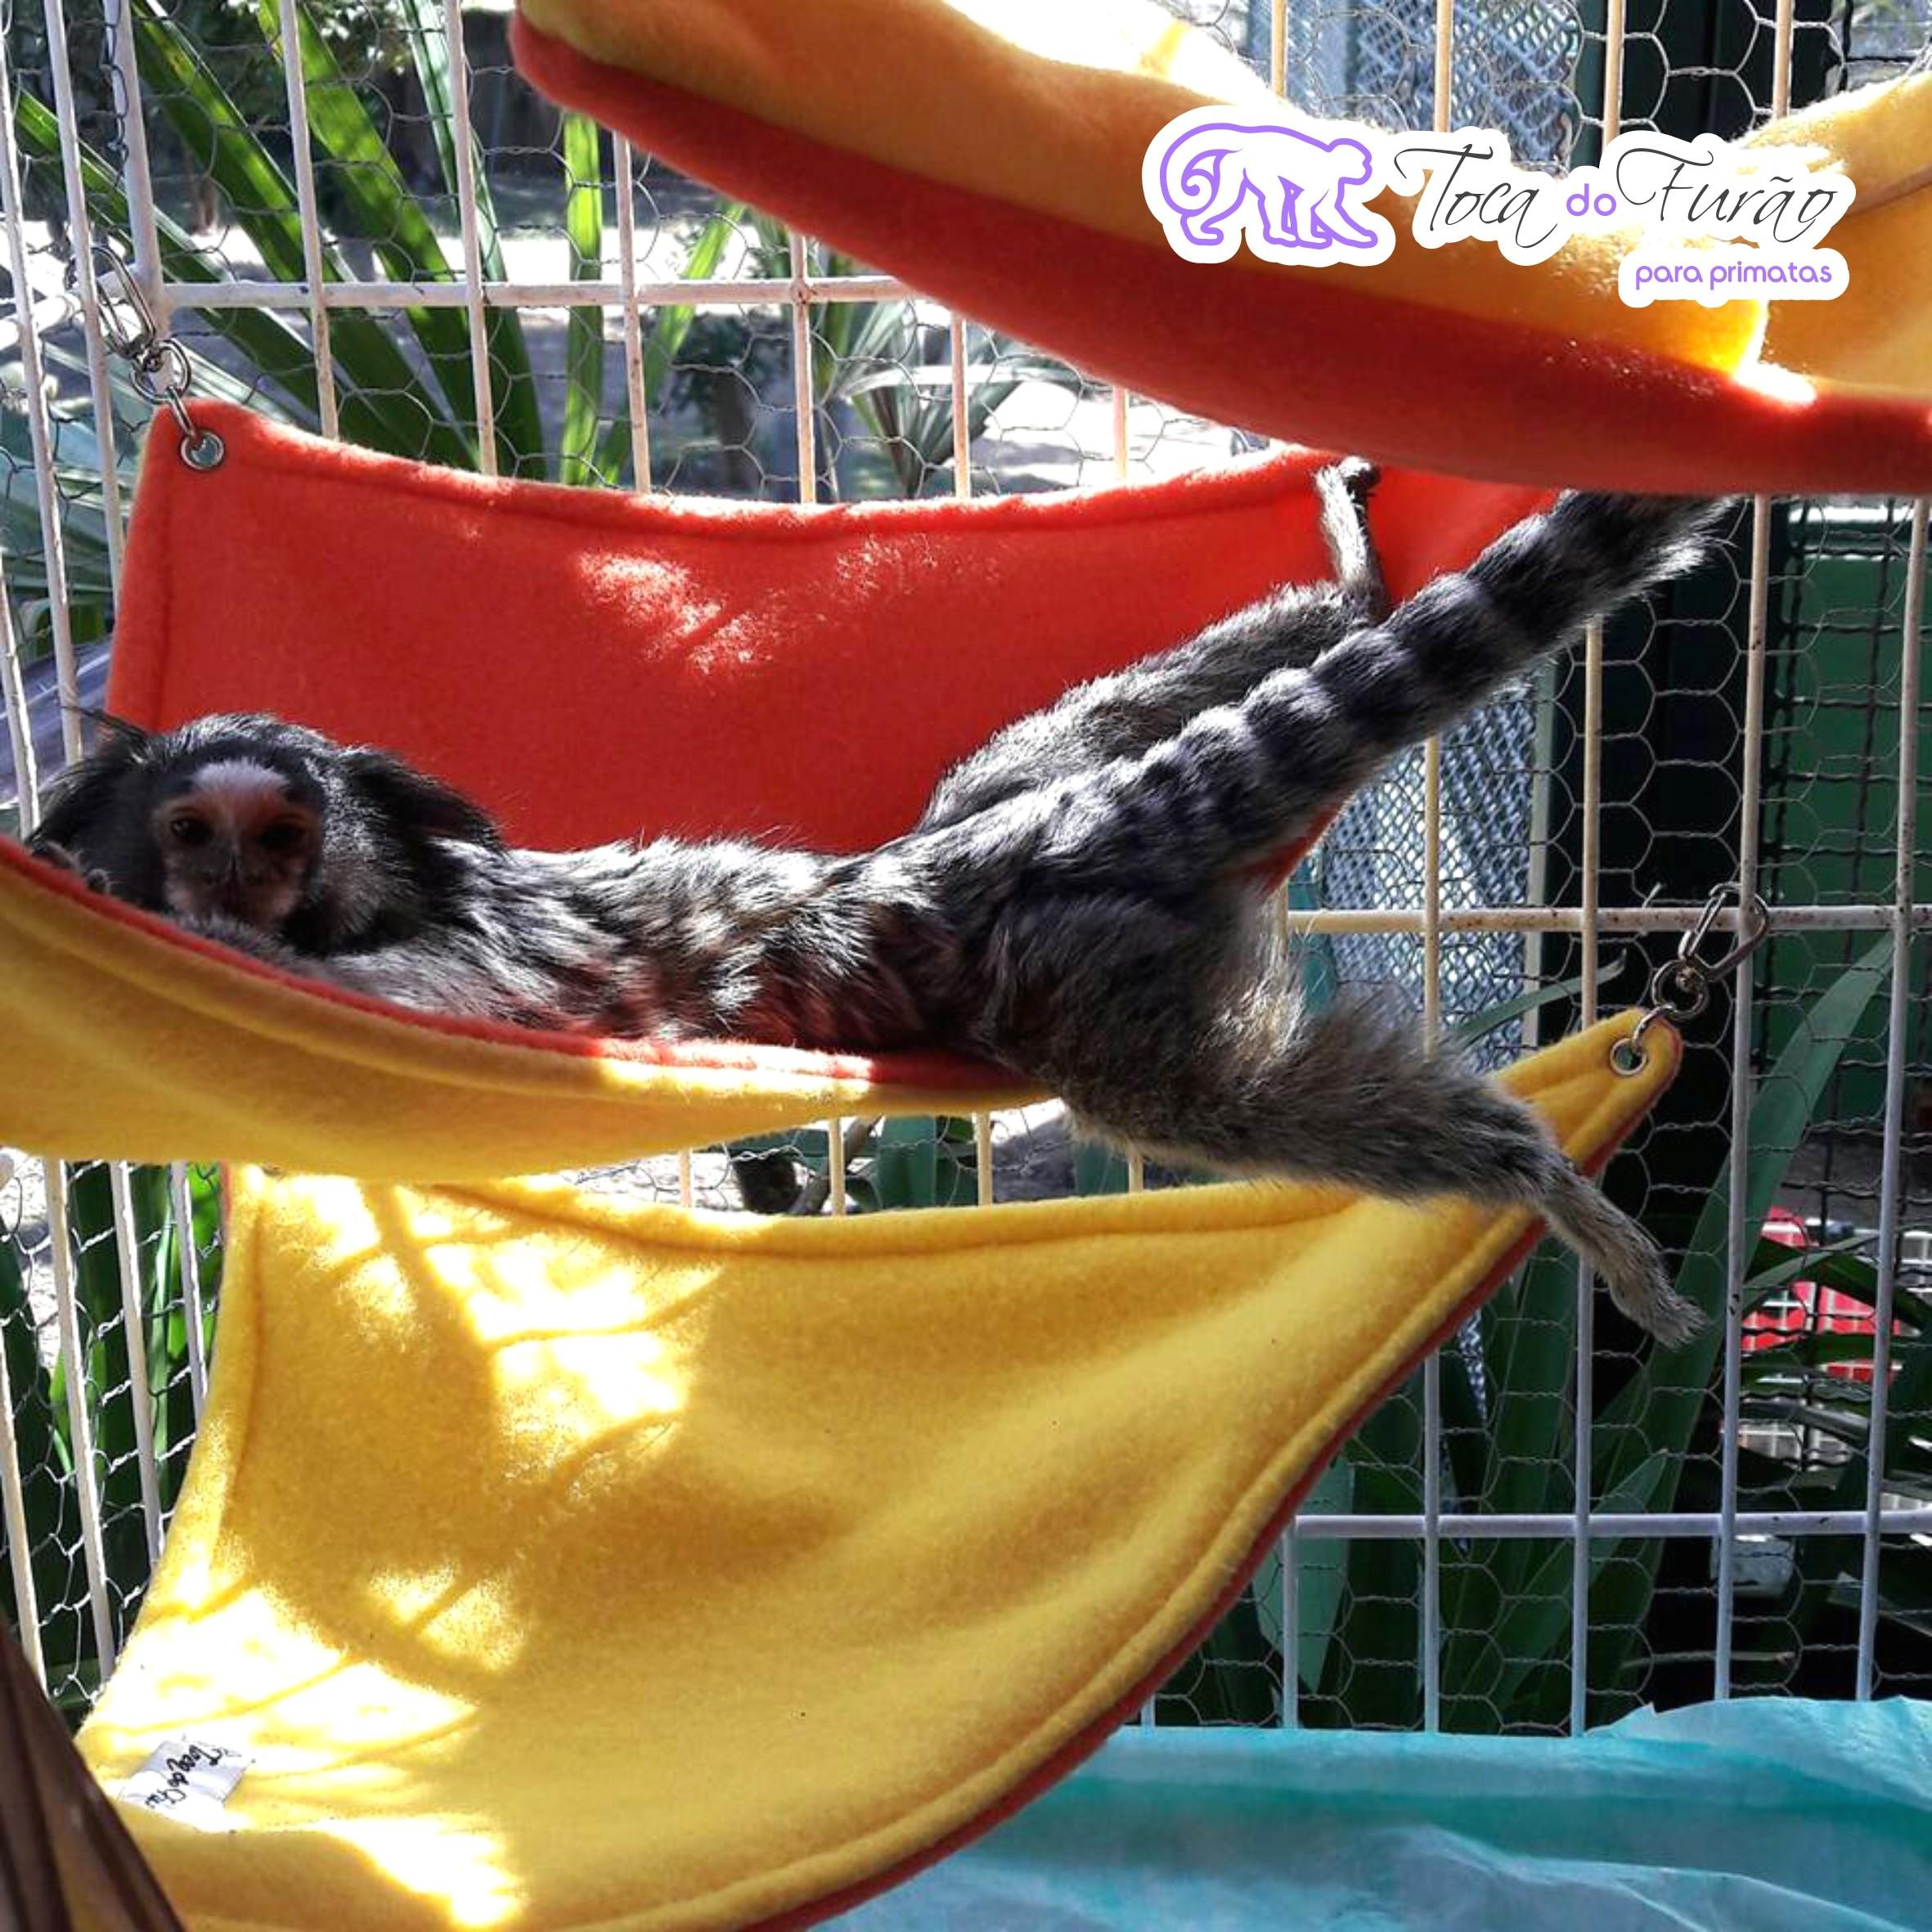 c1eca65eb5c64 Redes de canto para primatas – Toca do Furão